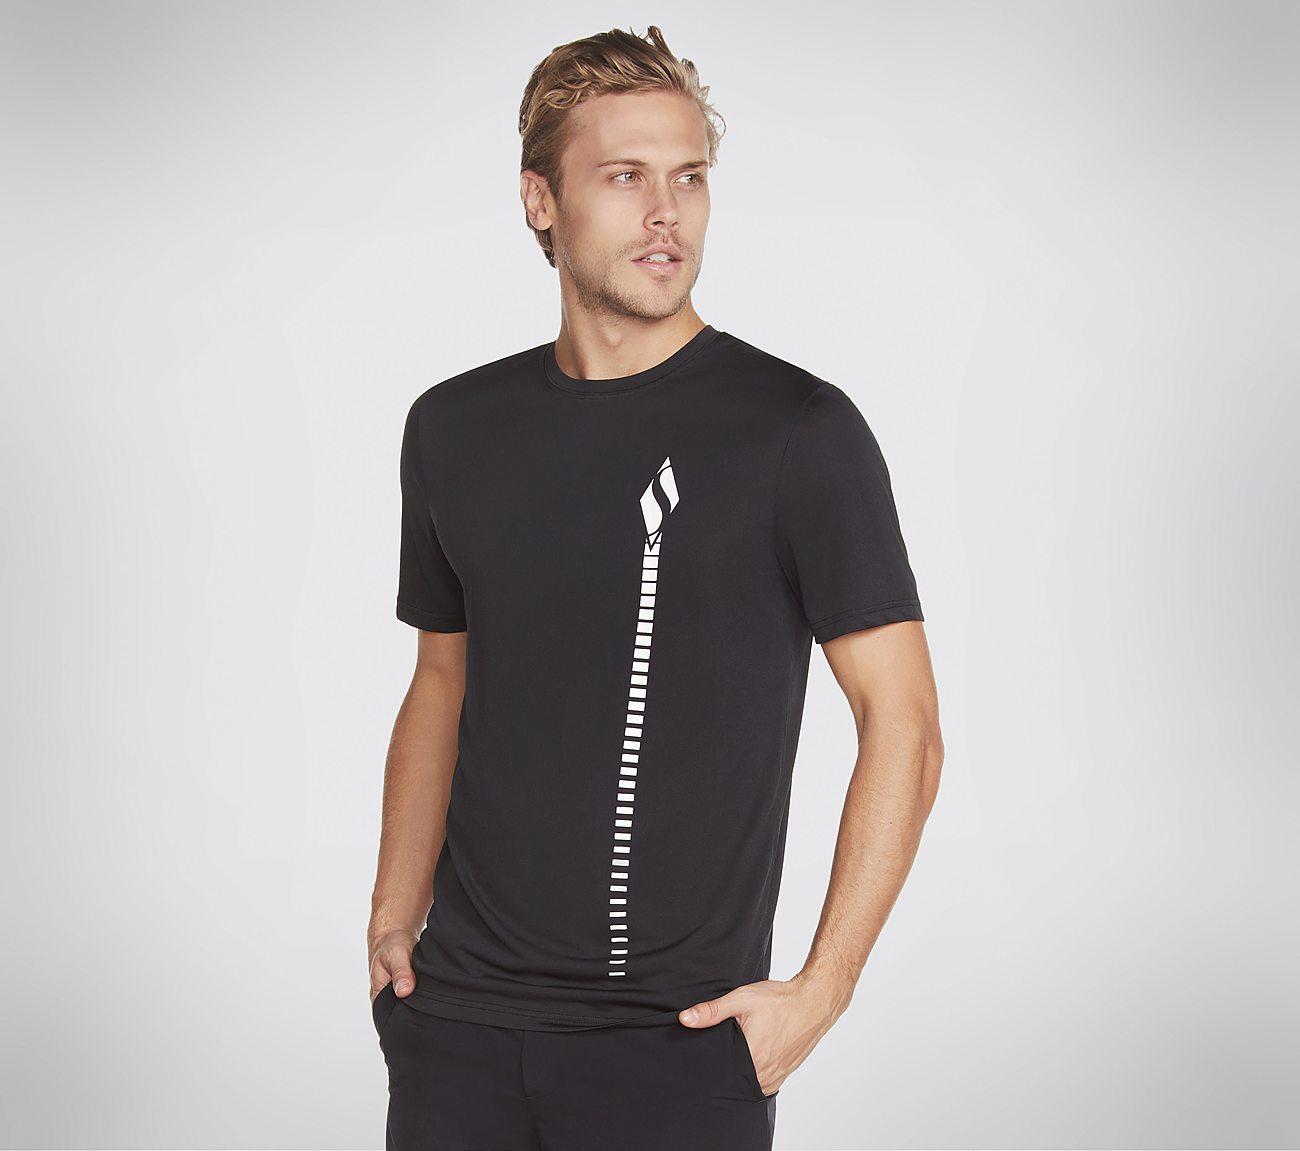 Skechers Apparel Practice Tee Shirt